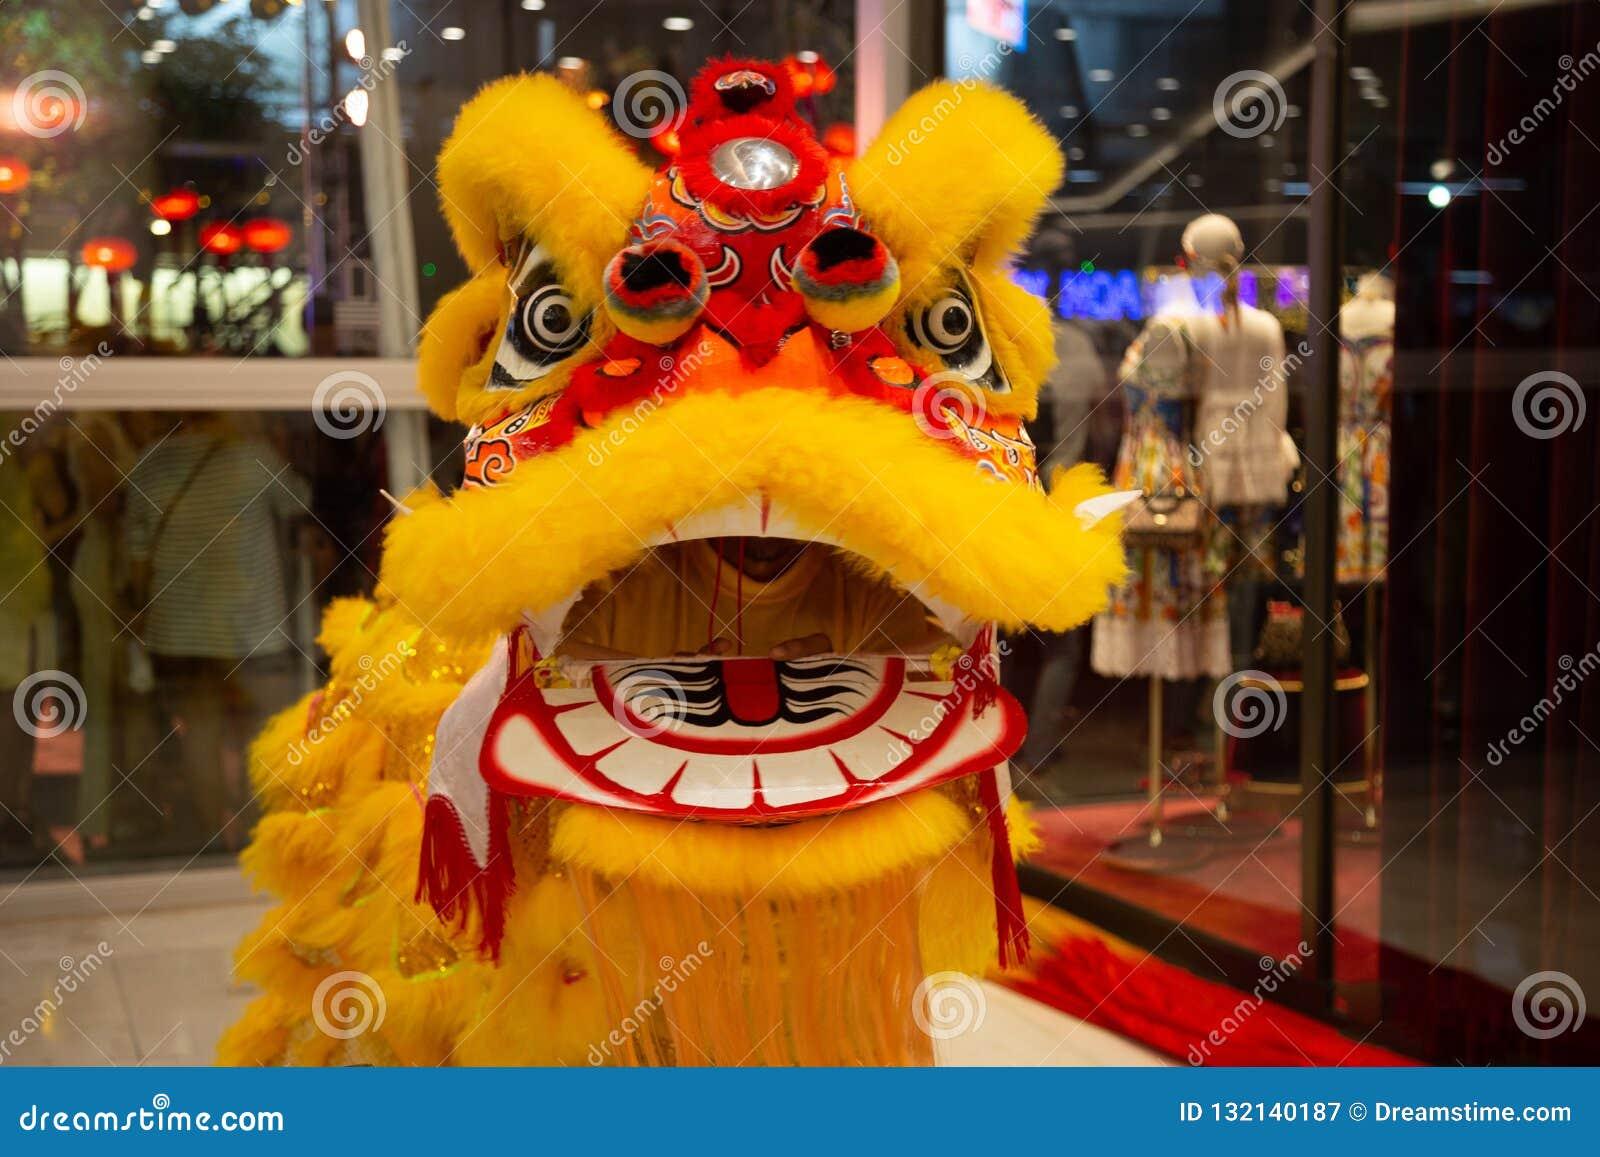 Chiński nowego roku lwa taniec w żółtym kostiumu z usta otwartym